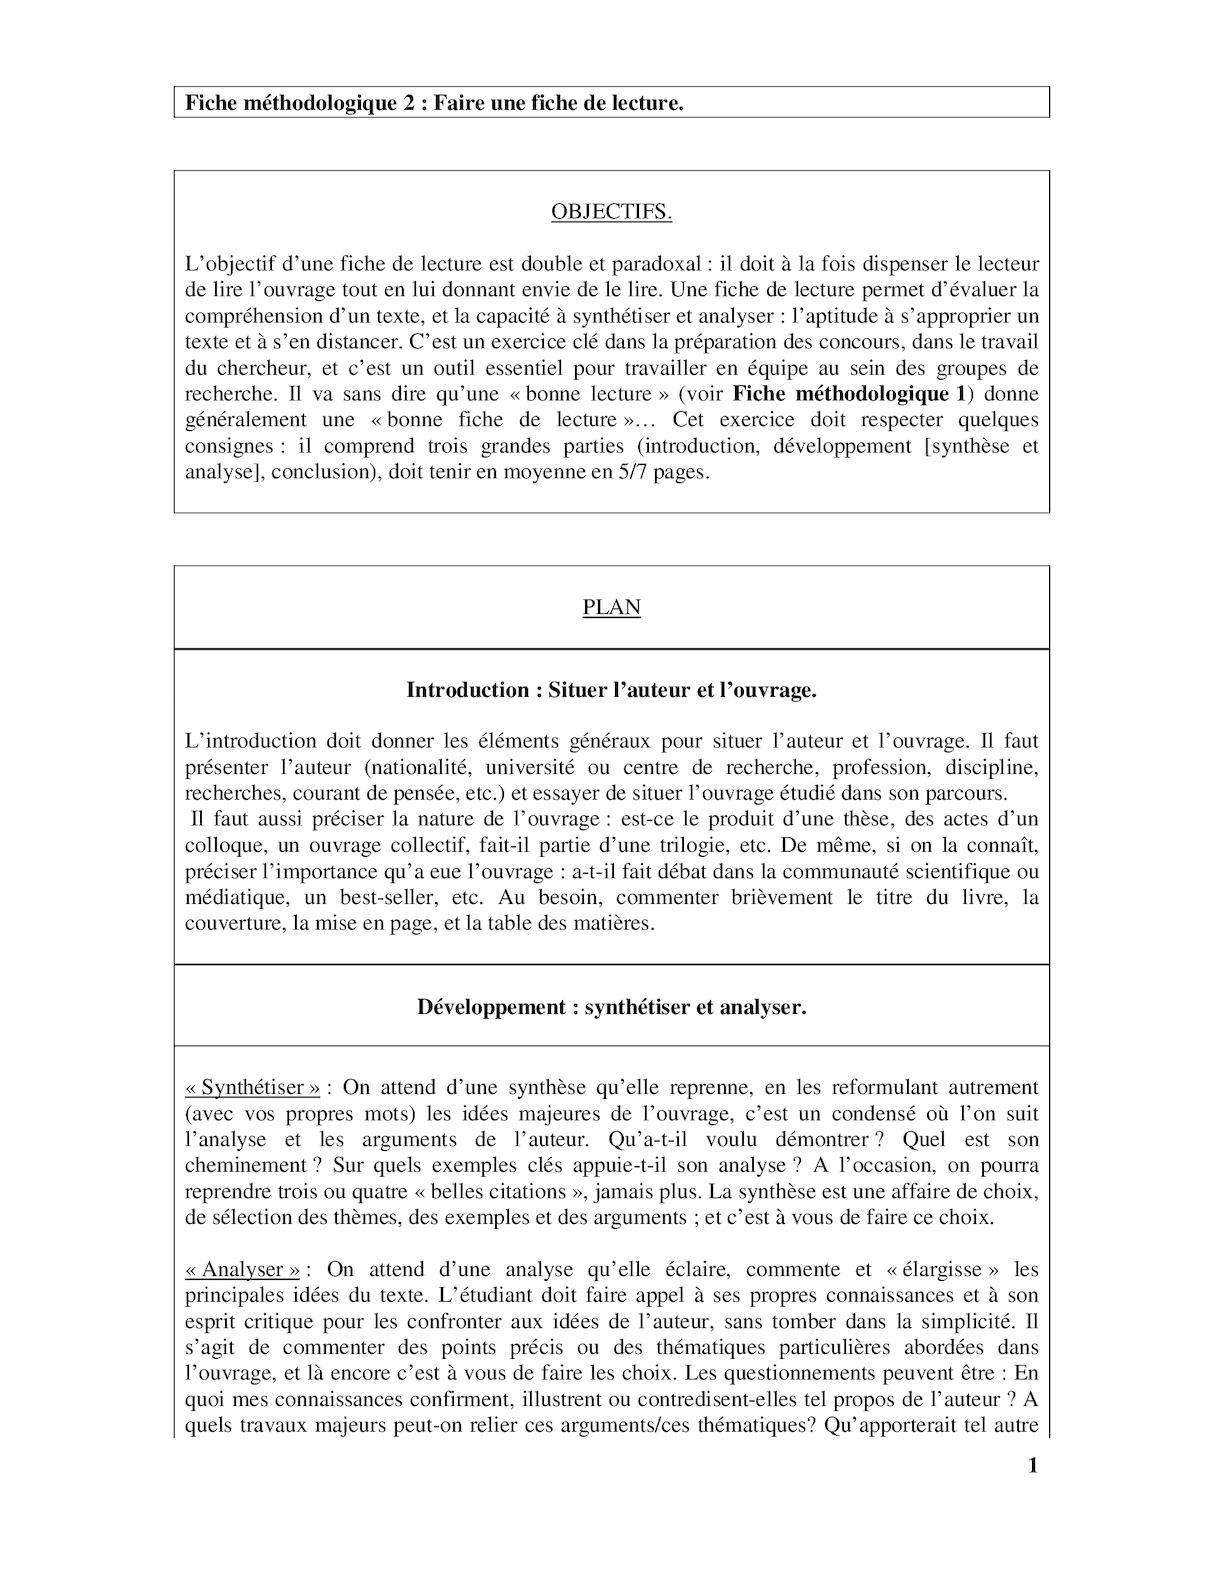 Calaméo - Fiche Methodologique 2 Fiche De Lecture